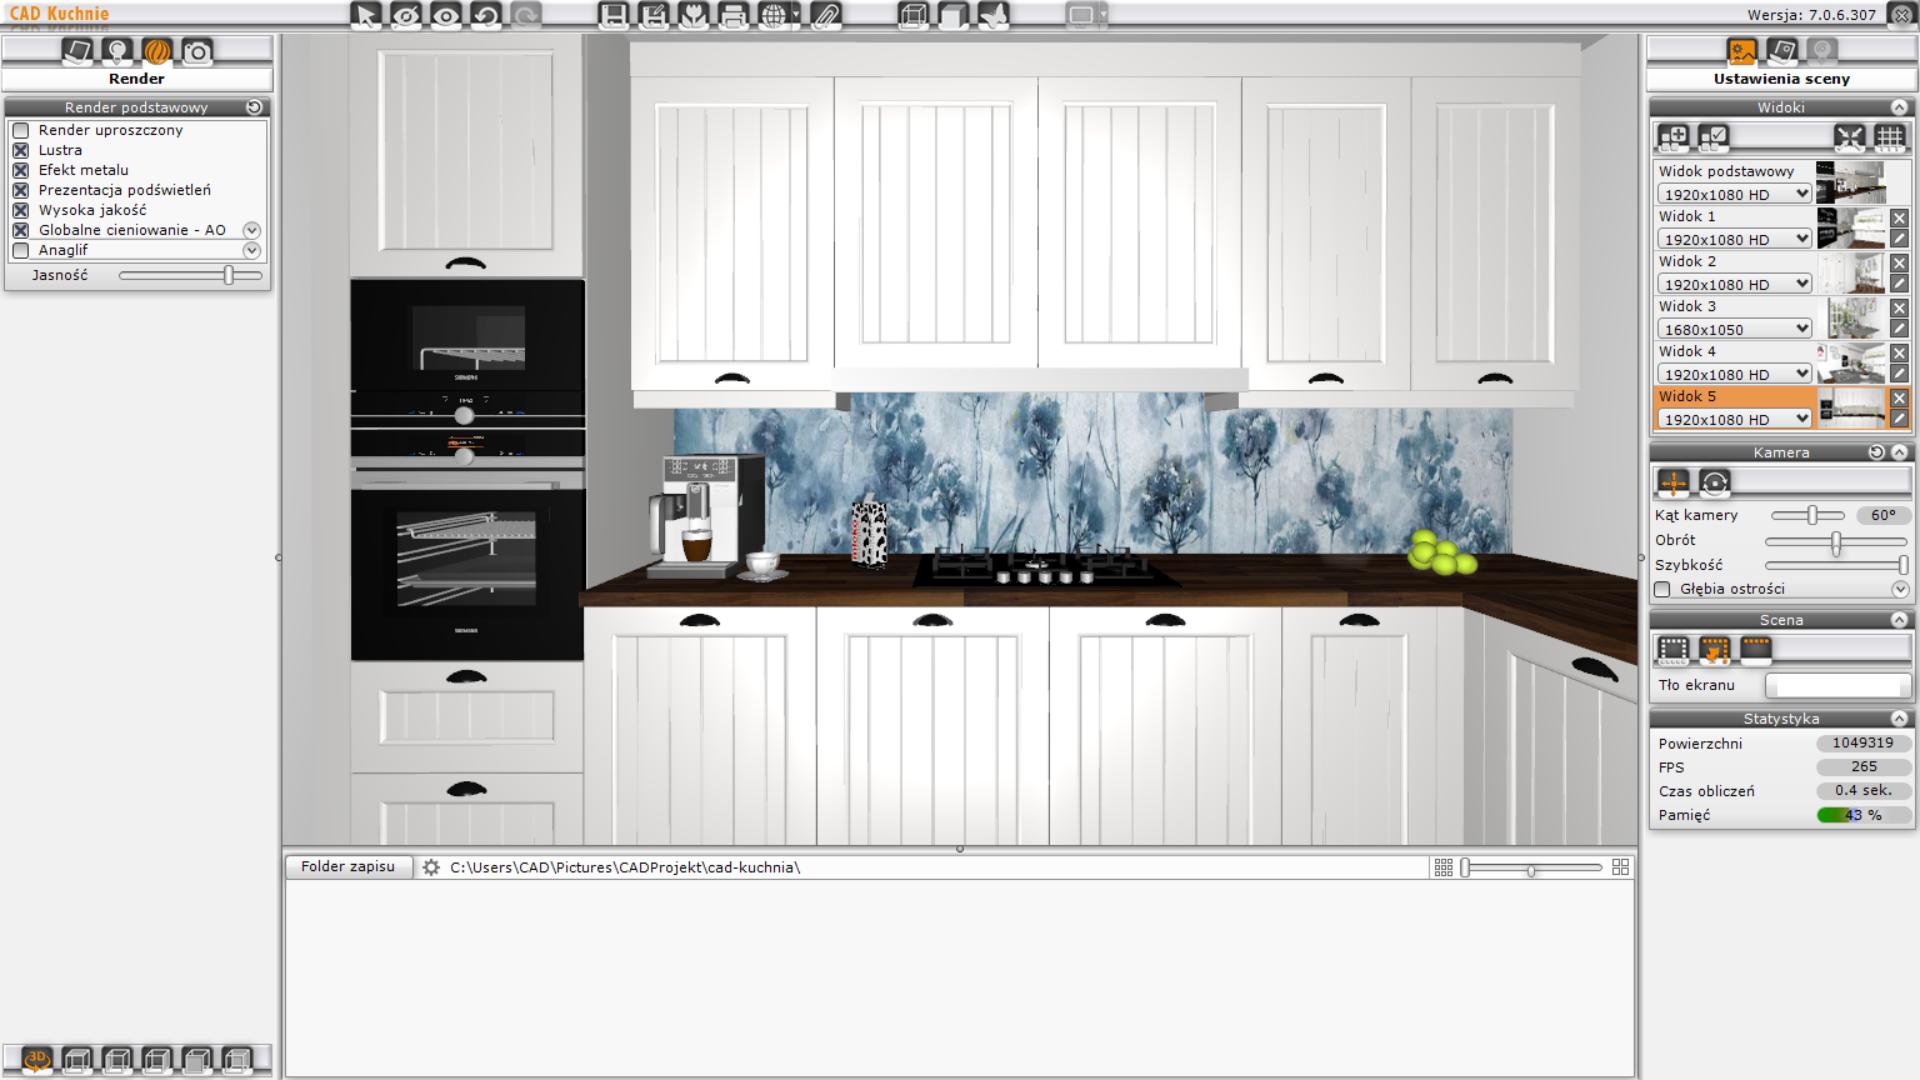 CAD Kuchnie Std - ustawienia sceny